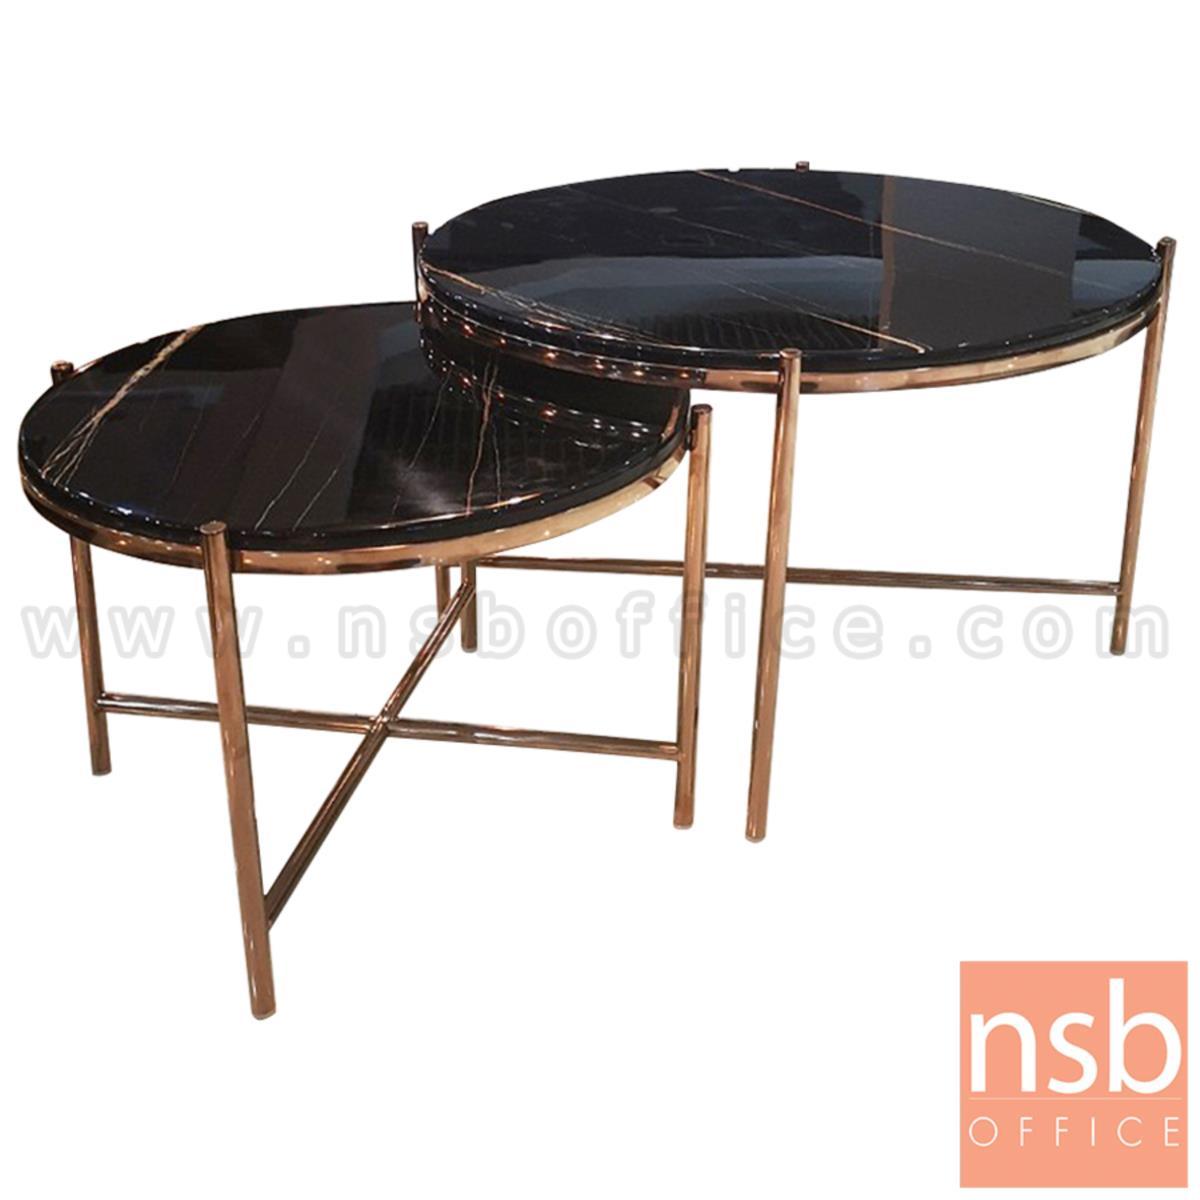 B13A285:โต๊ะกลางหินอ่อน รุ่น Macjay (แมคเจย์)  ขาสีพิ้งค์โกลด์